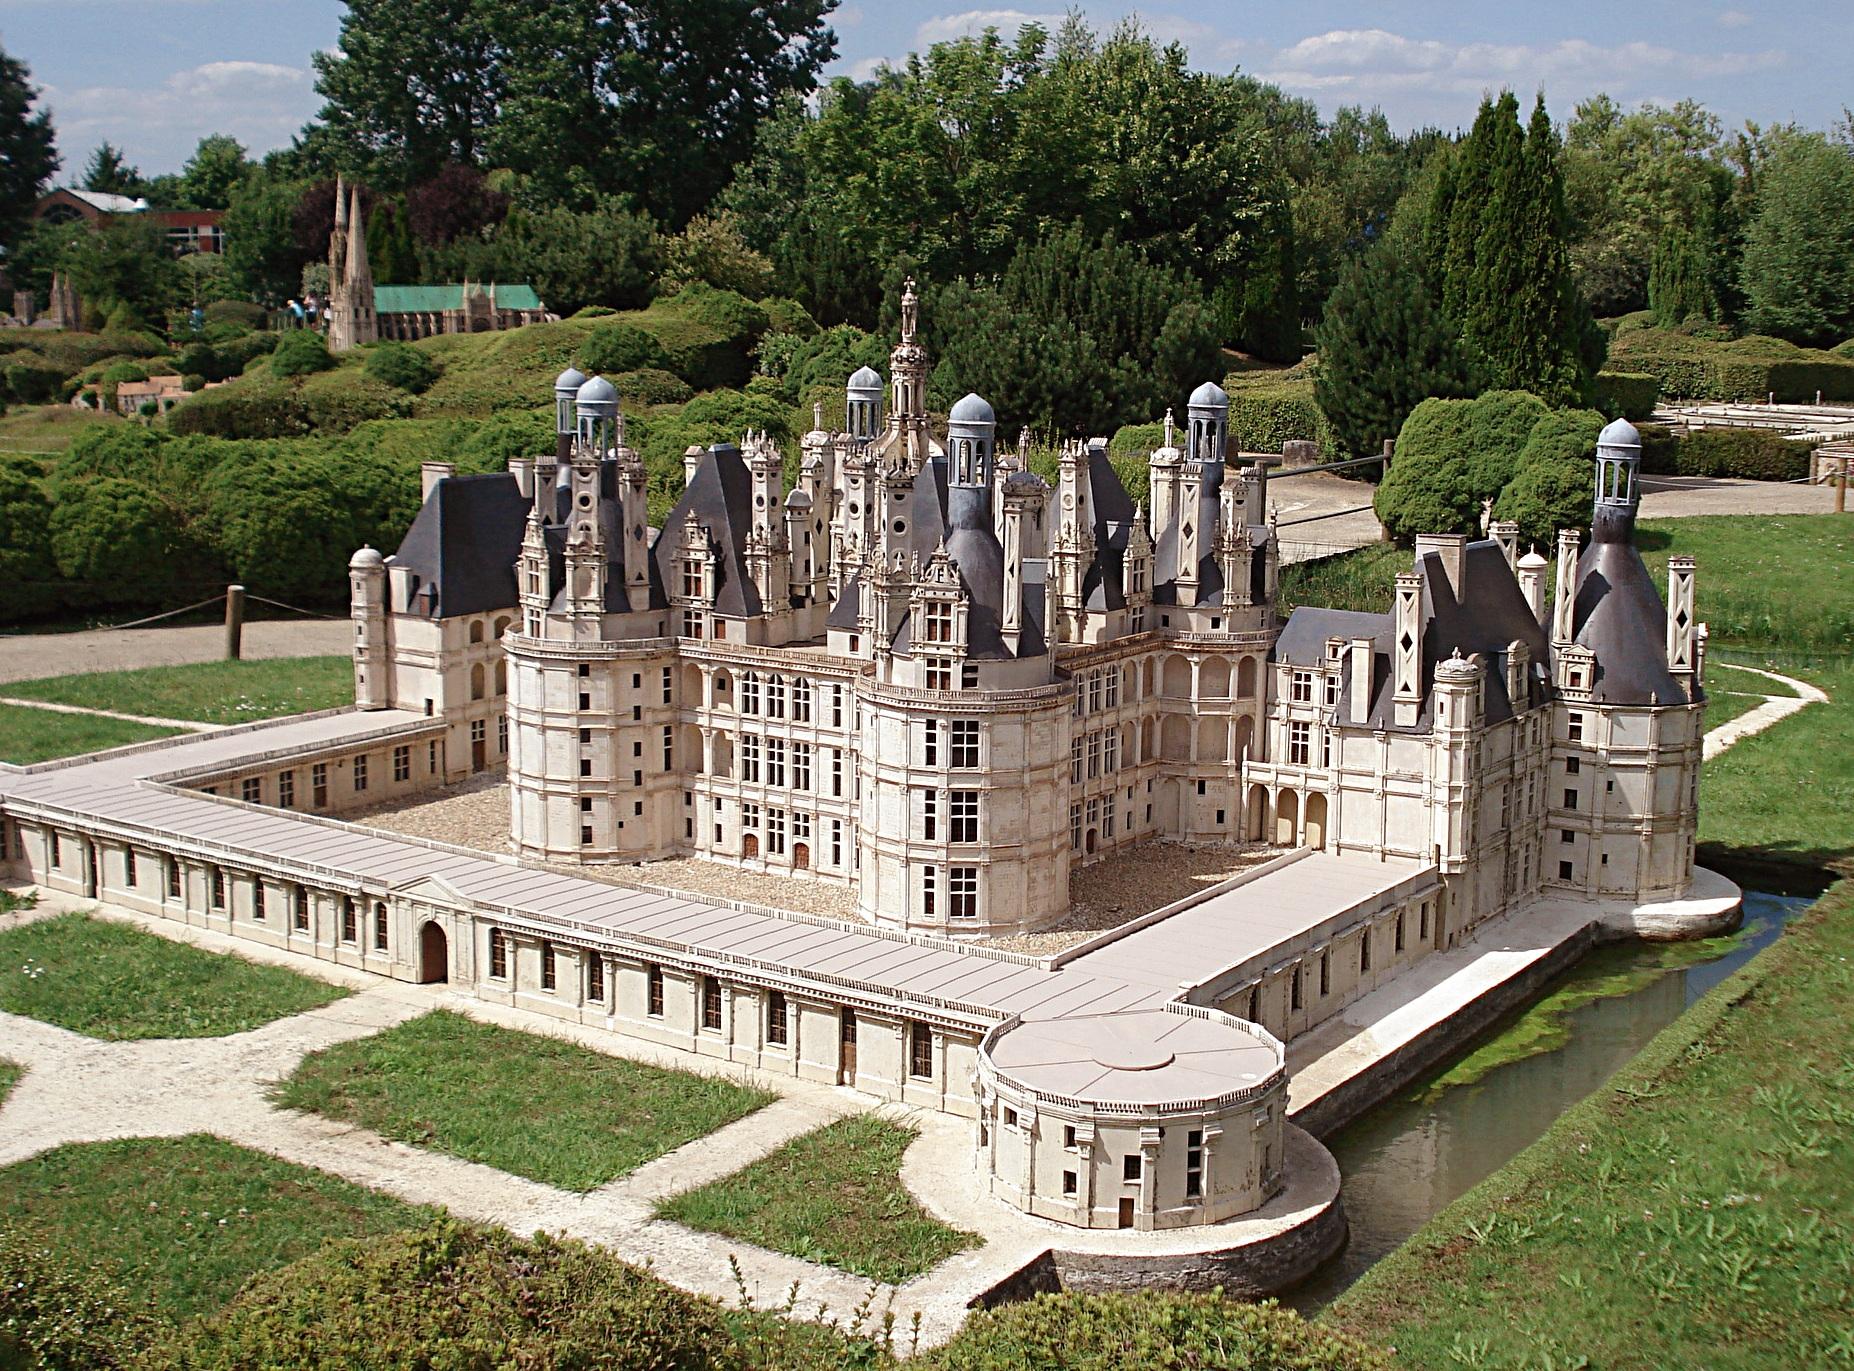 Parc de france miniature lancourt yvelines for Parc des yvelines